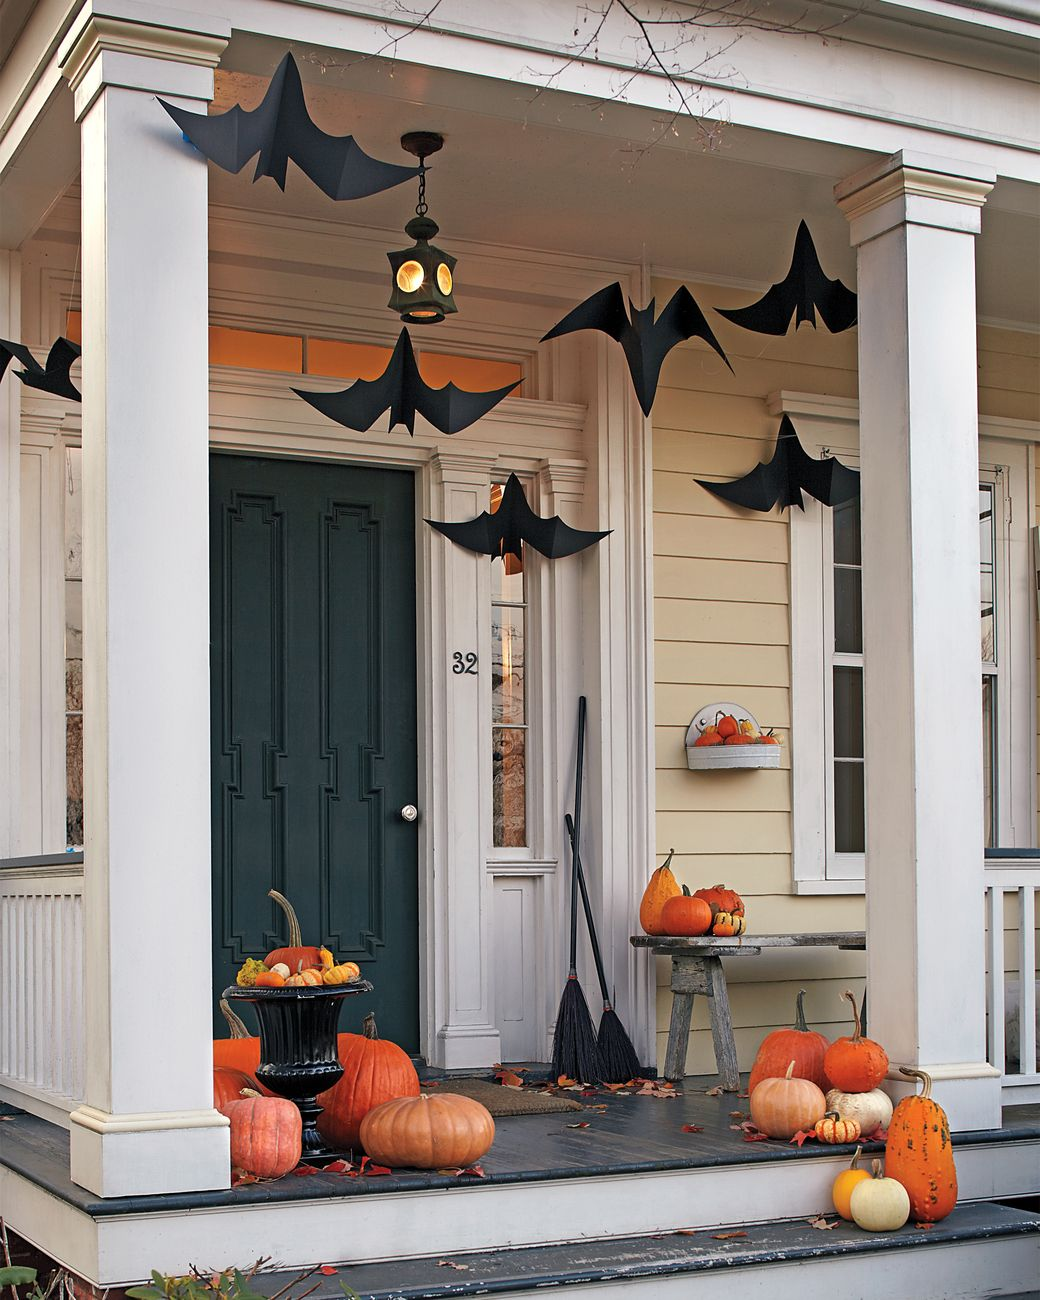 Hanging Bats Halloween Outdoor Decorations Halloween Porch Decorations Halloween Porch